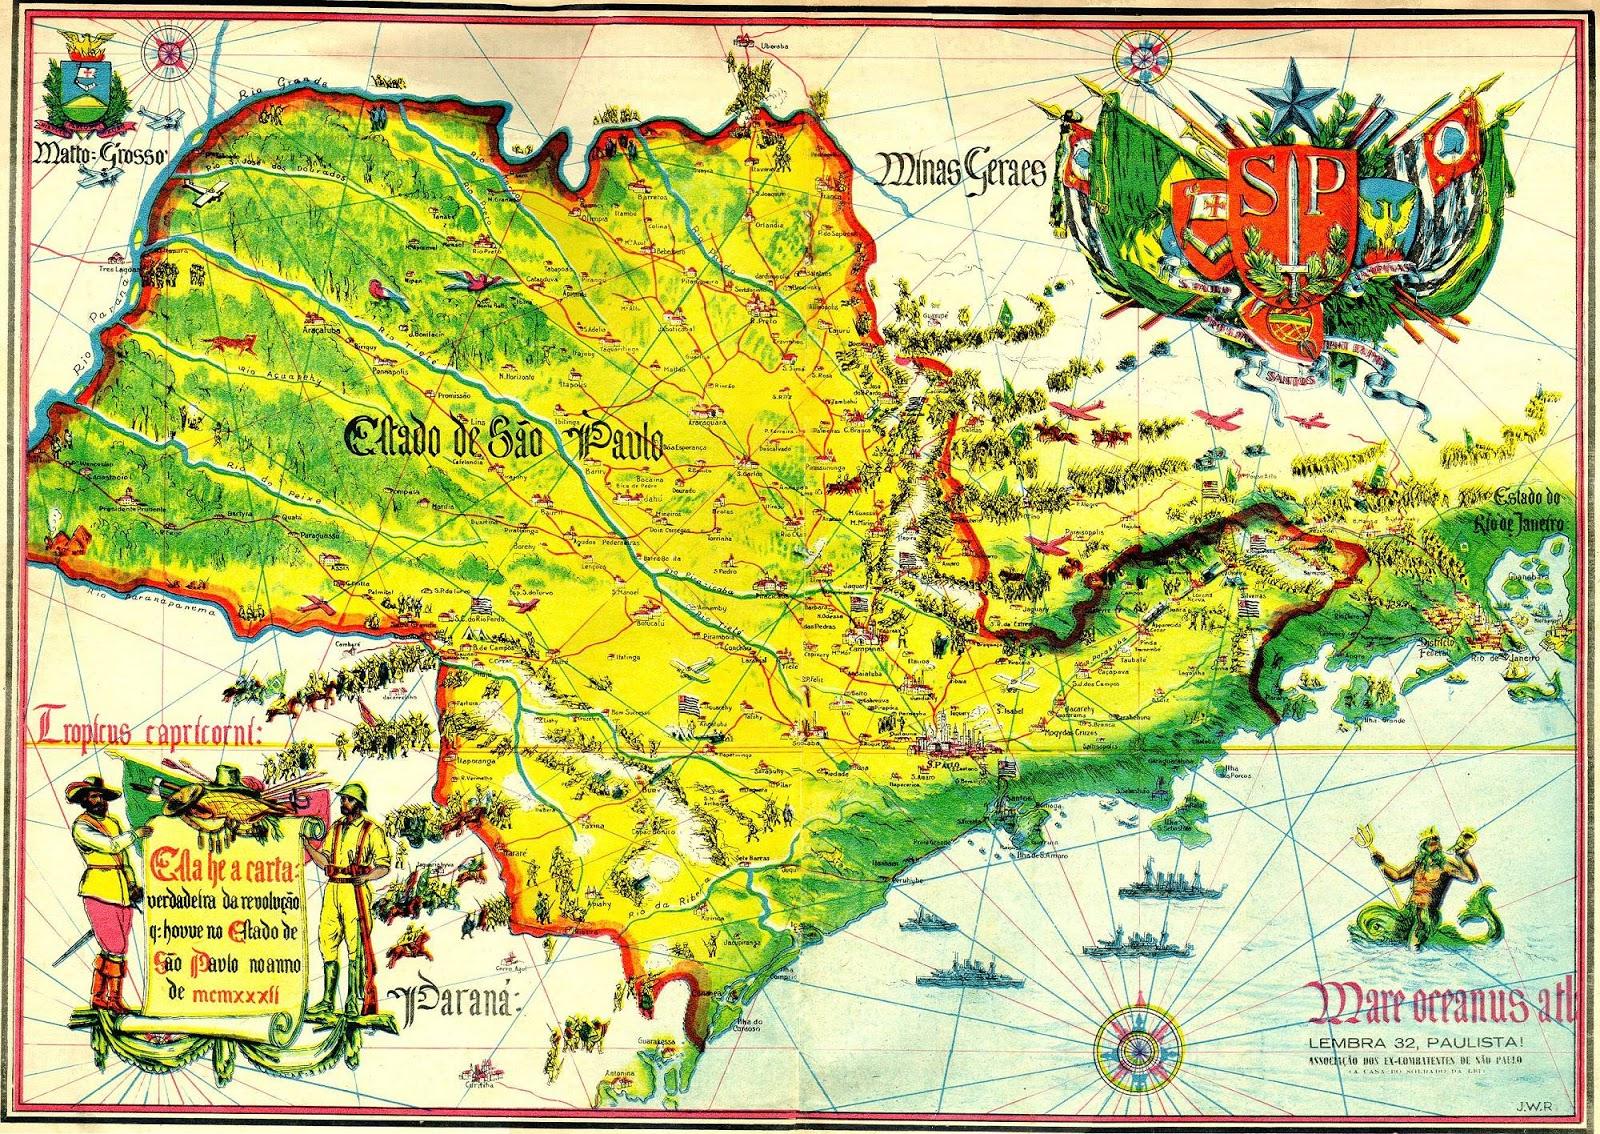 Mapas dos Estado de São Paulo